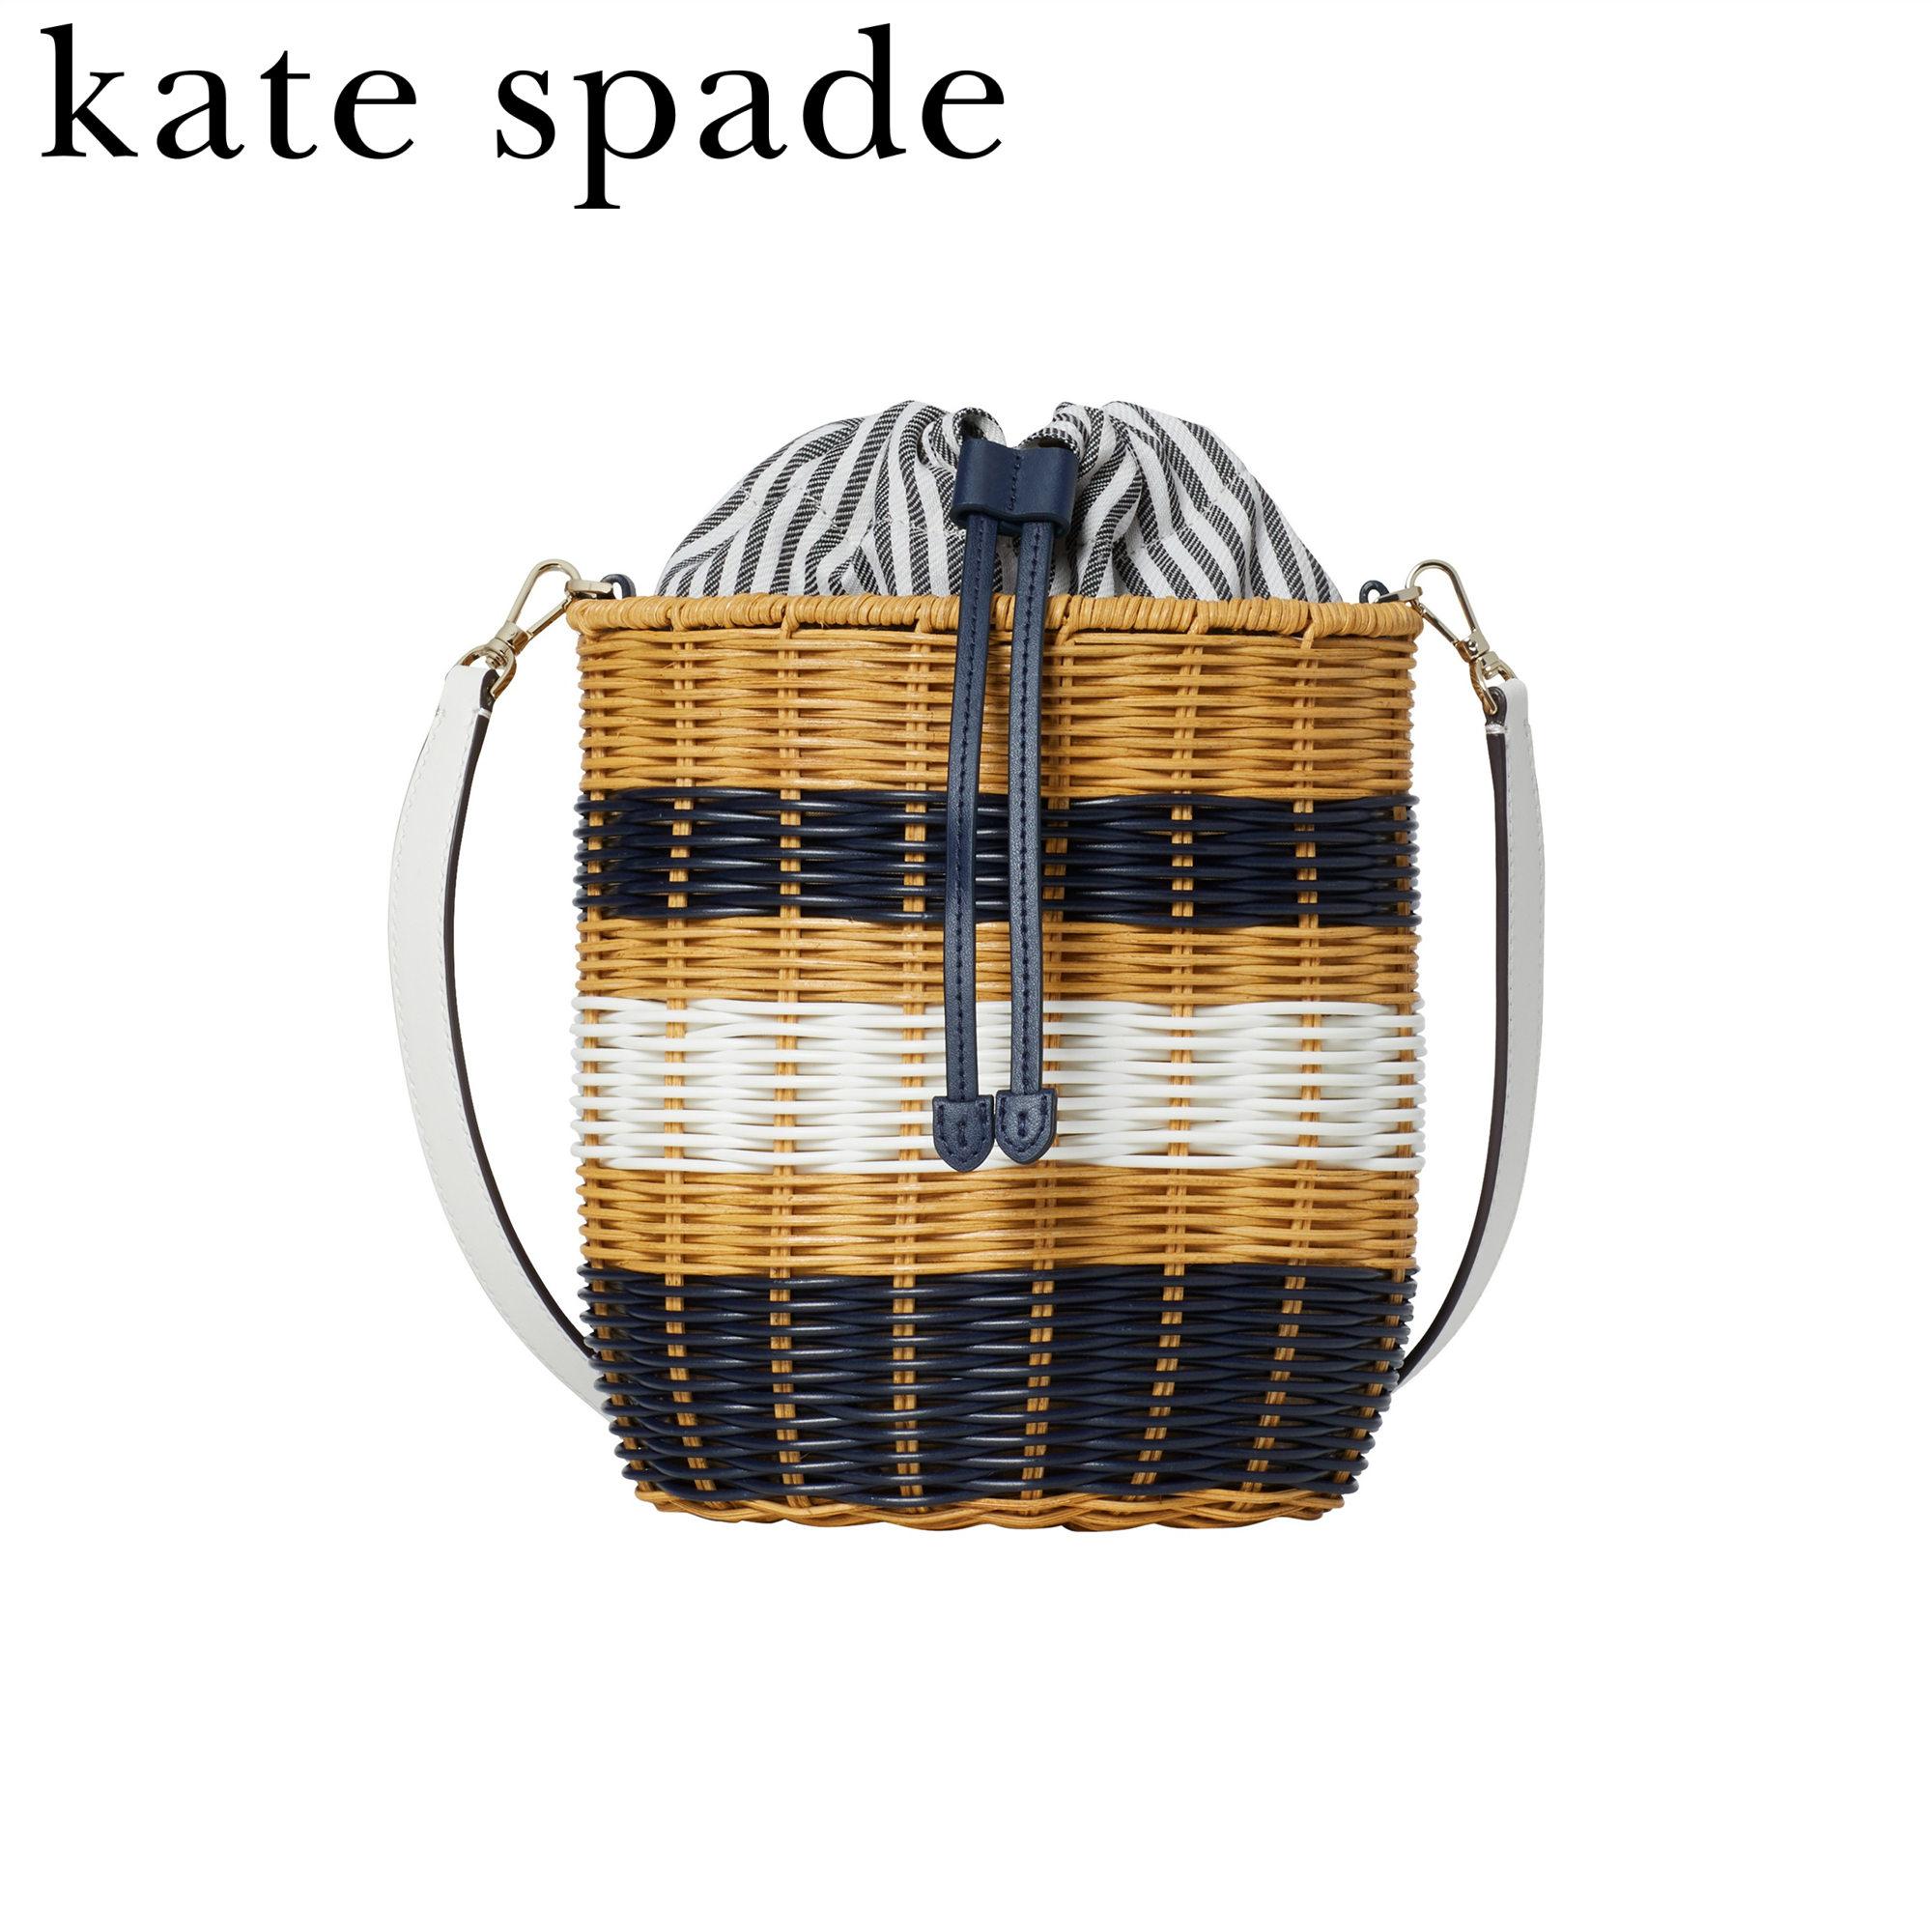 看到就想去度假的KATE SPADE柳条藤编斜挎包